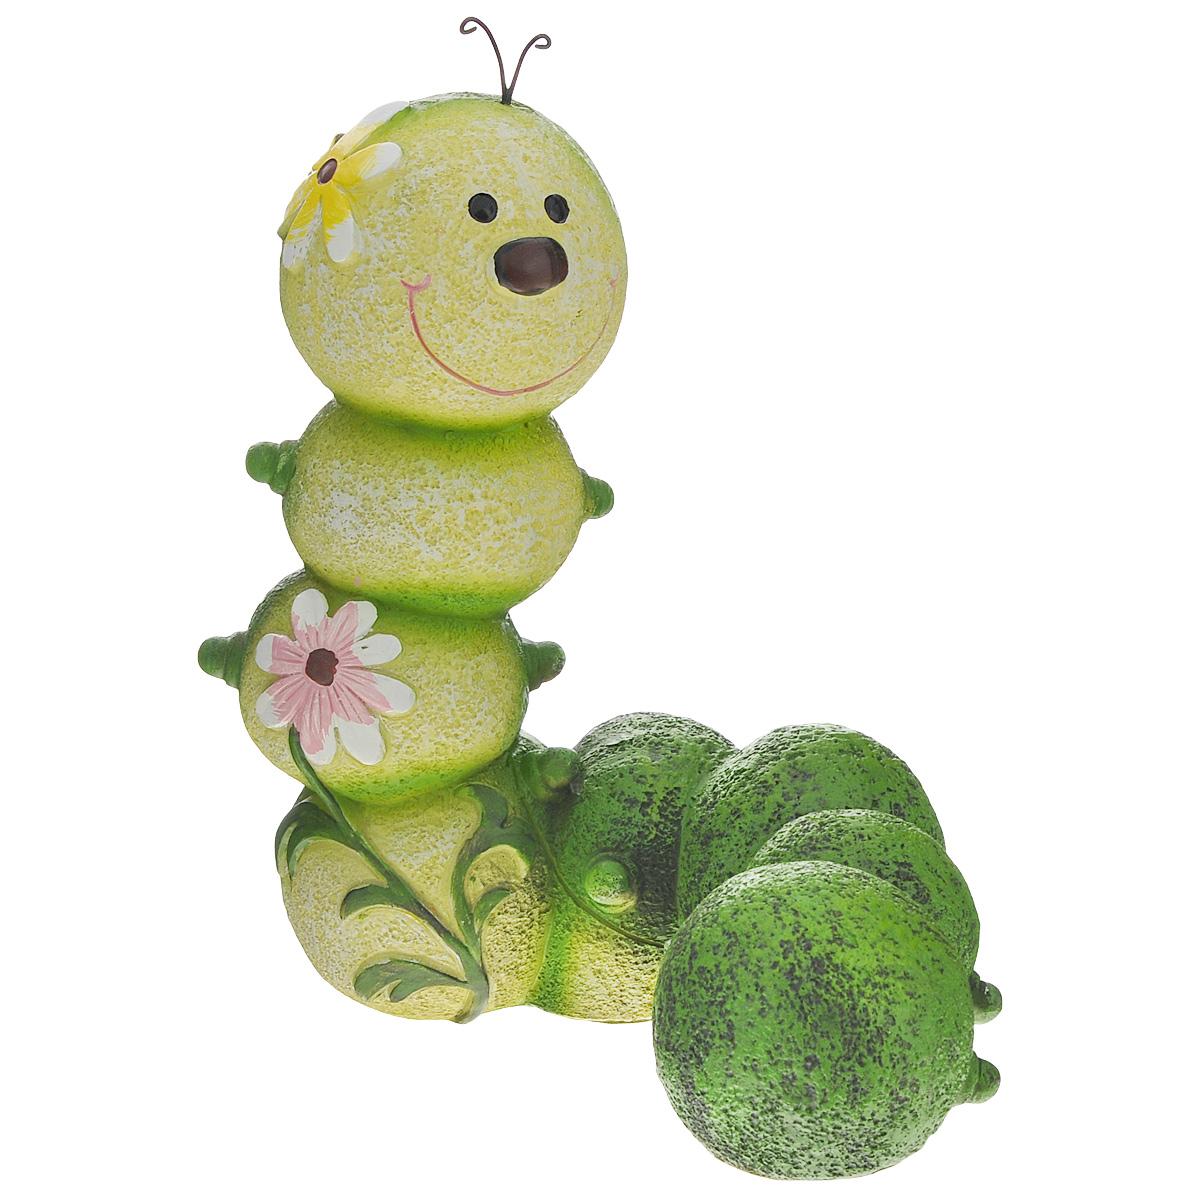 Фигурка садовая Green Apple Гусеница, 18,5 х 12,5 х 23 смZ-0307Фигурка Green Apple Гусеница, выполненная из полистоуна, предназначена для декоративного оформления садового участка. Фигурка позволит создать оригинальную декорацию, которая украсит собой ваш сад и добавит в него ярких красок. Декоративные садовые фигурки представляют собой последний штрих при создании ландшафтного дизайна дачного или приусадебного участка. Декоративные фигурки для украшения сада позволяют создать правдоподобную декорацию и почувствовать себя среди живой природы.